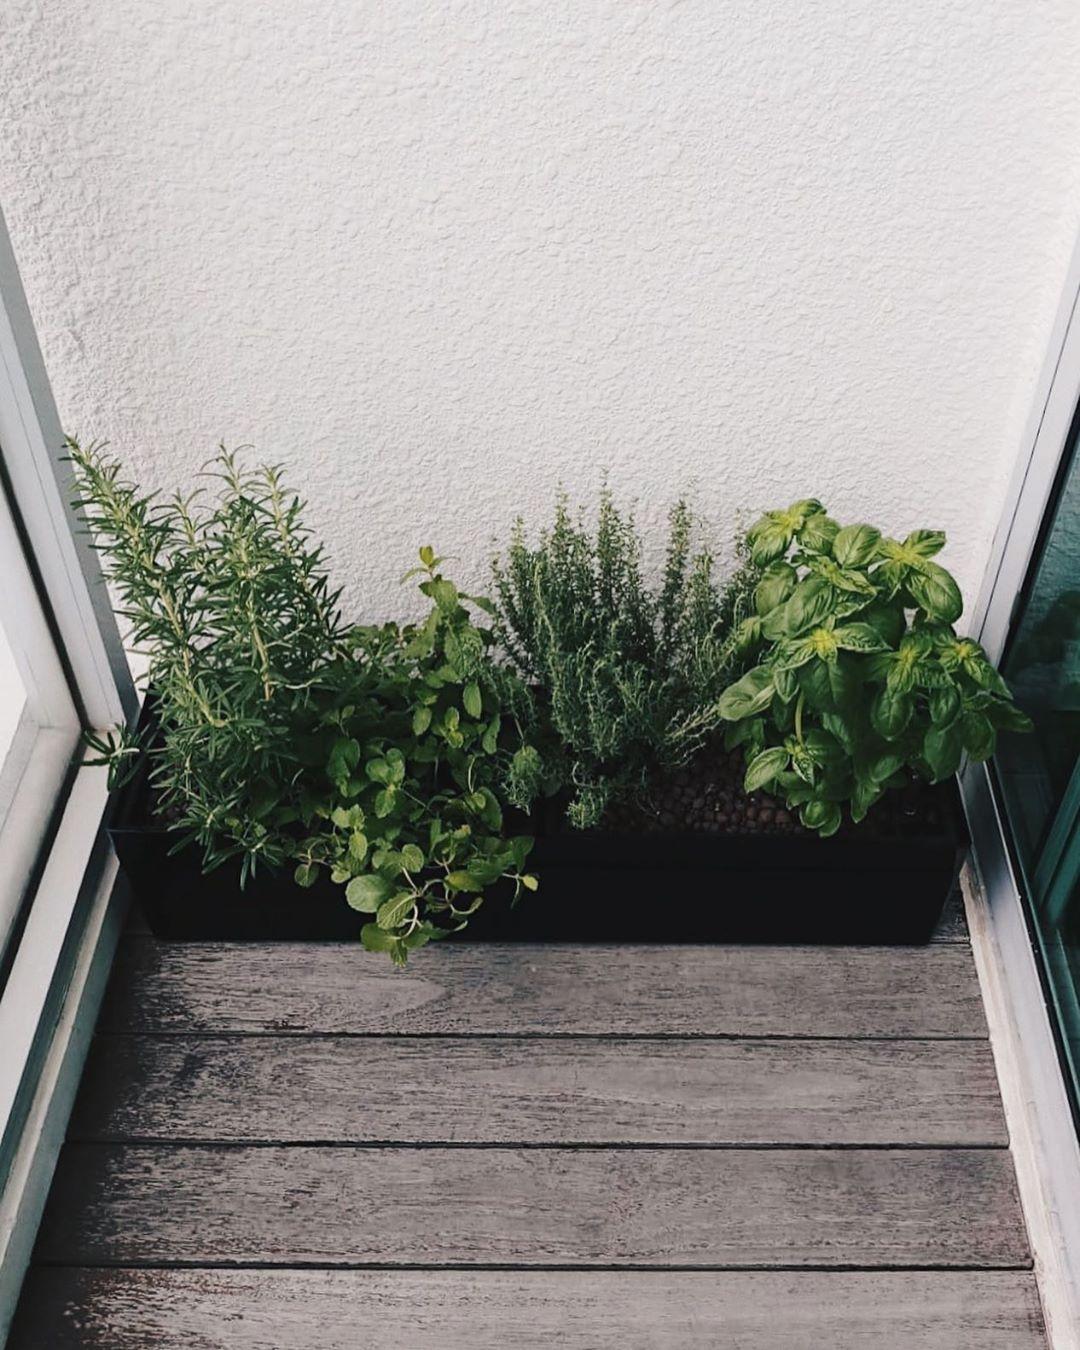 Herbs Urban Farming